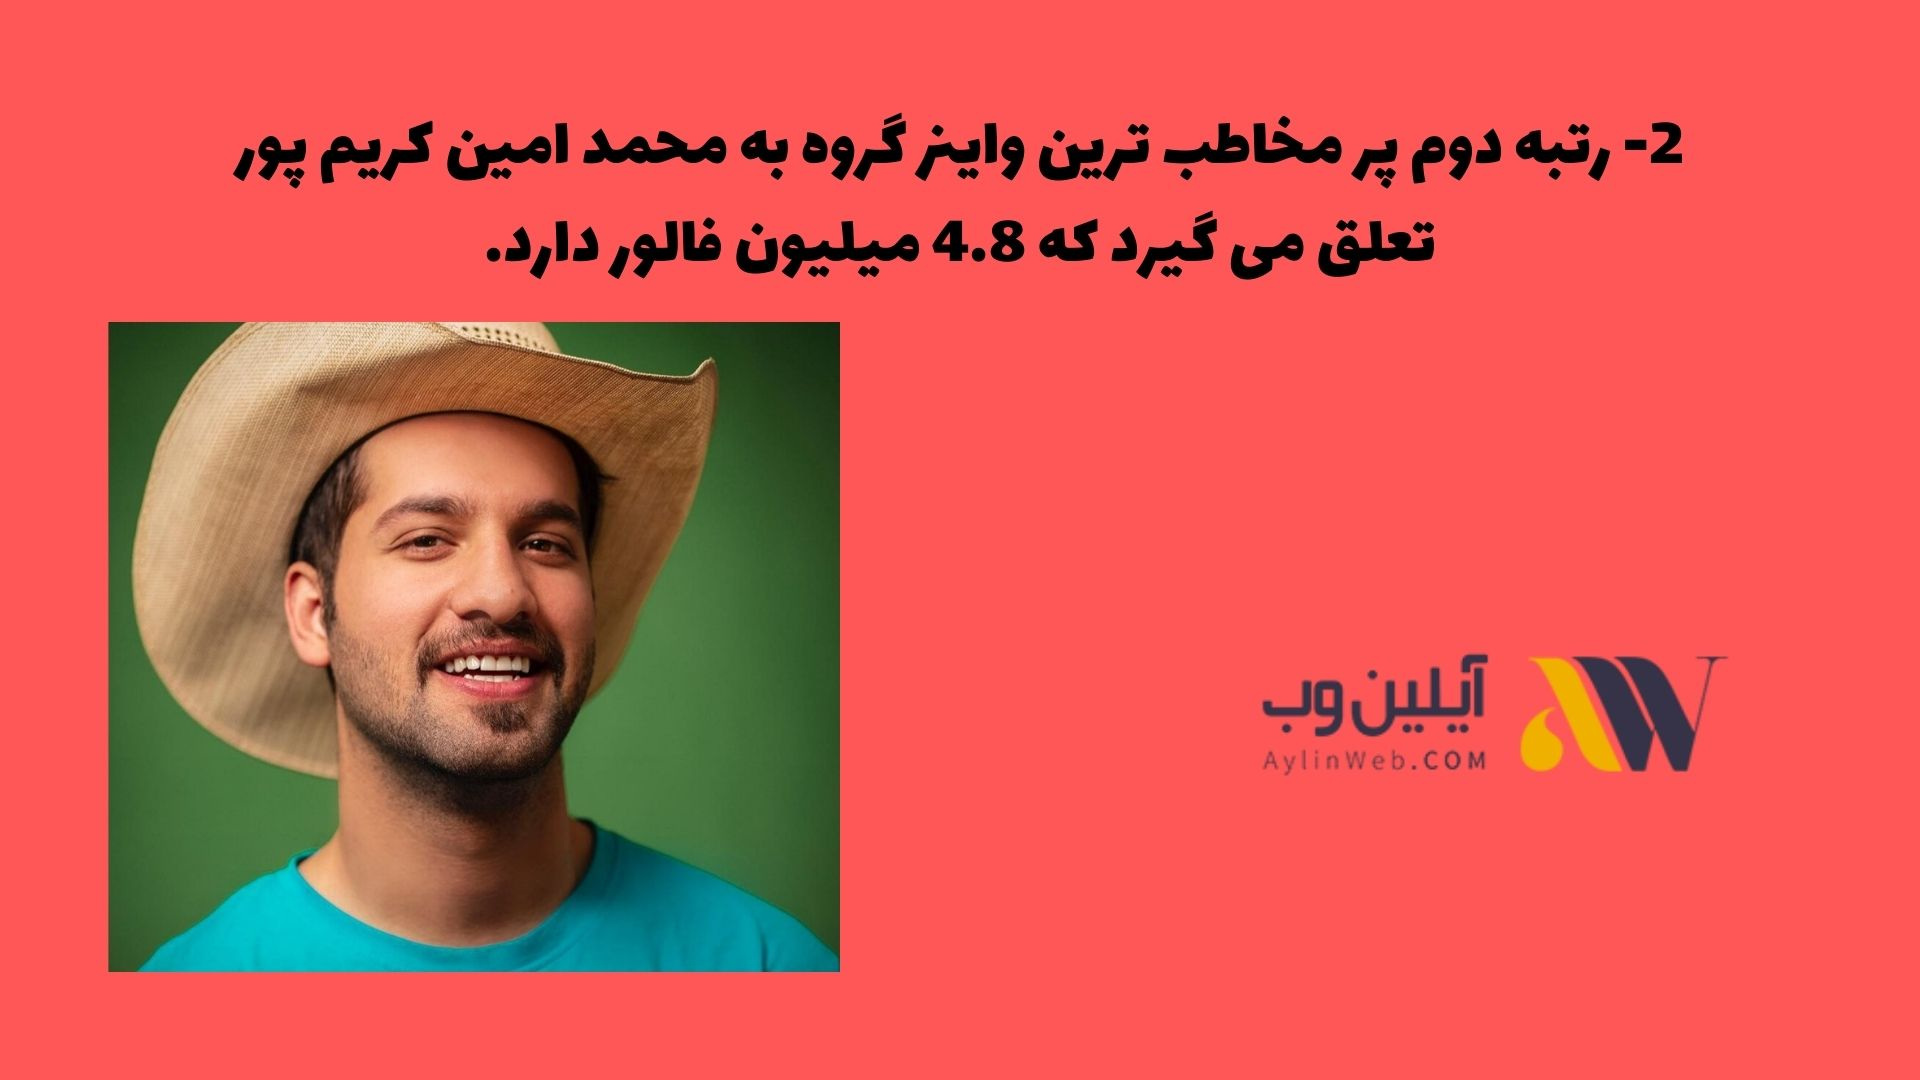 رتبه دوم پر مخاطب ترین واینر گروه به محمد امین کریم پور تعلق می گیرد که 4.8 میلیون فالور دارد.